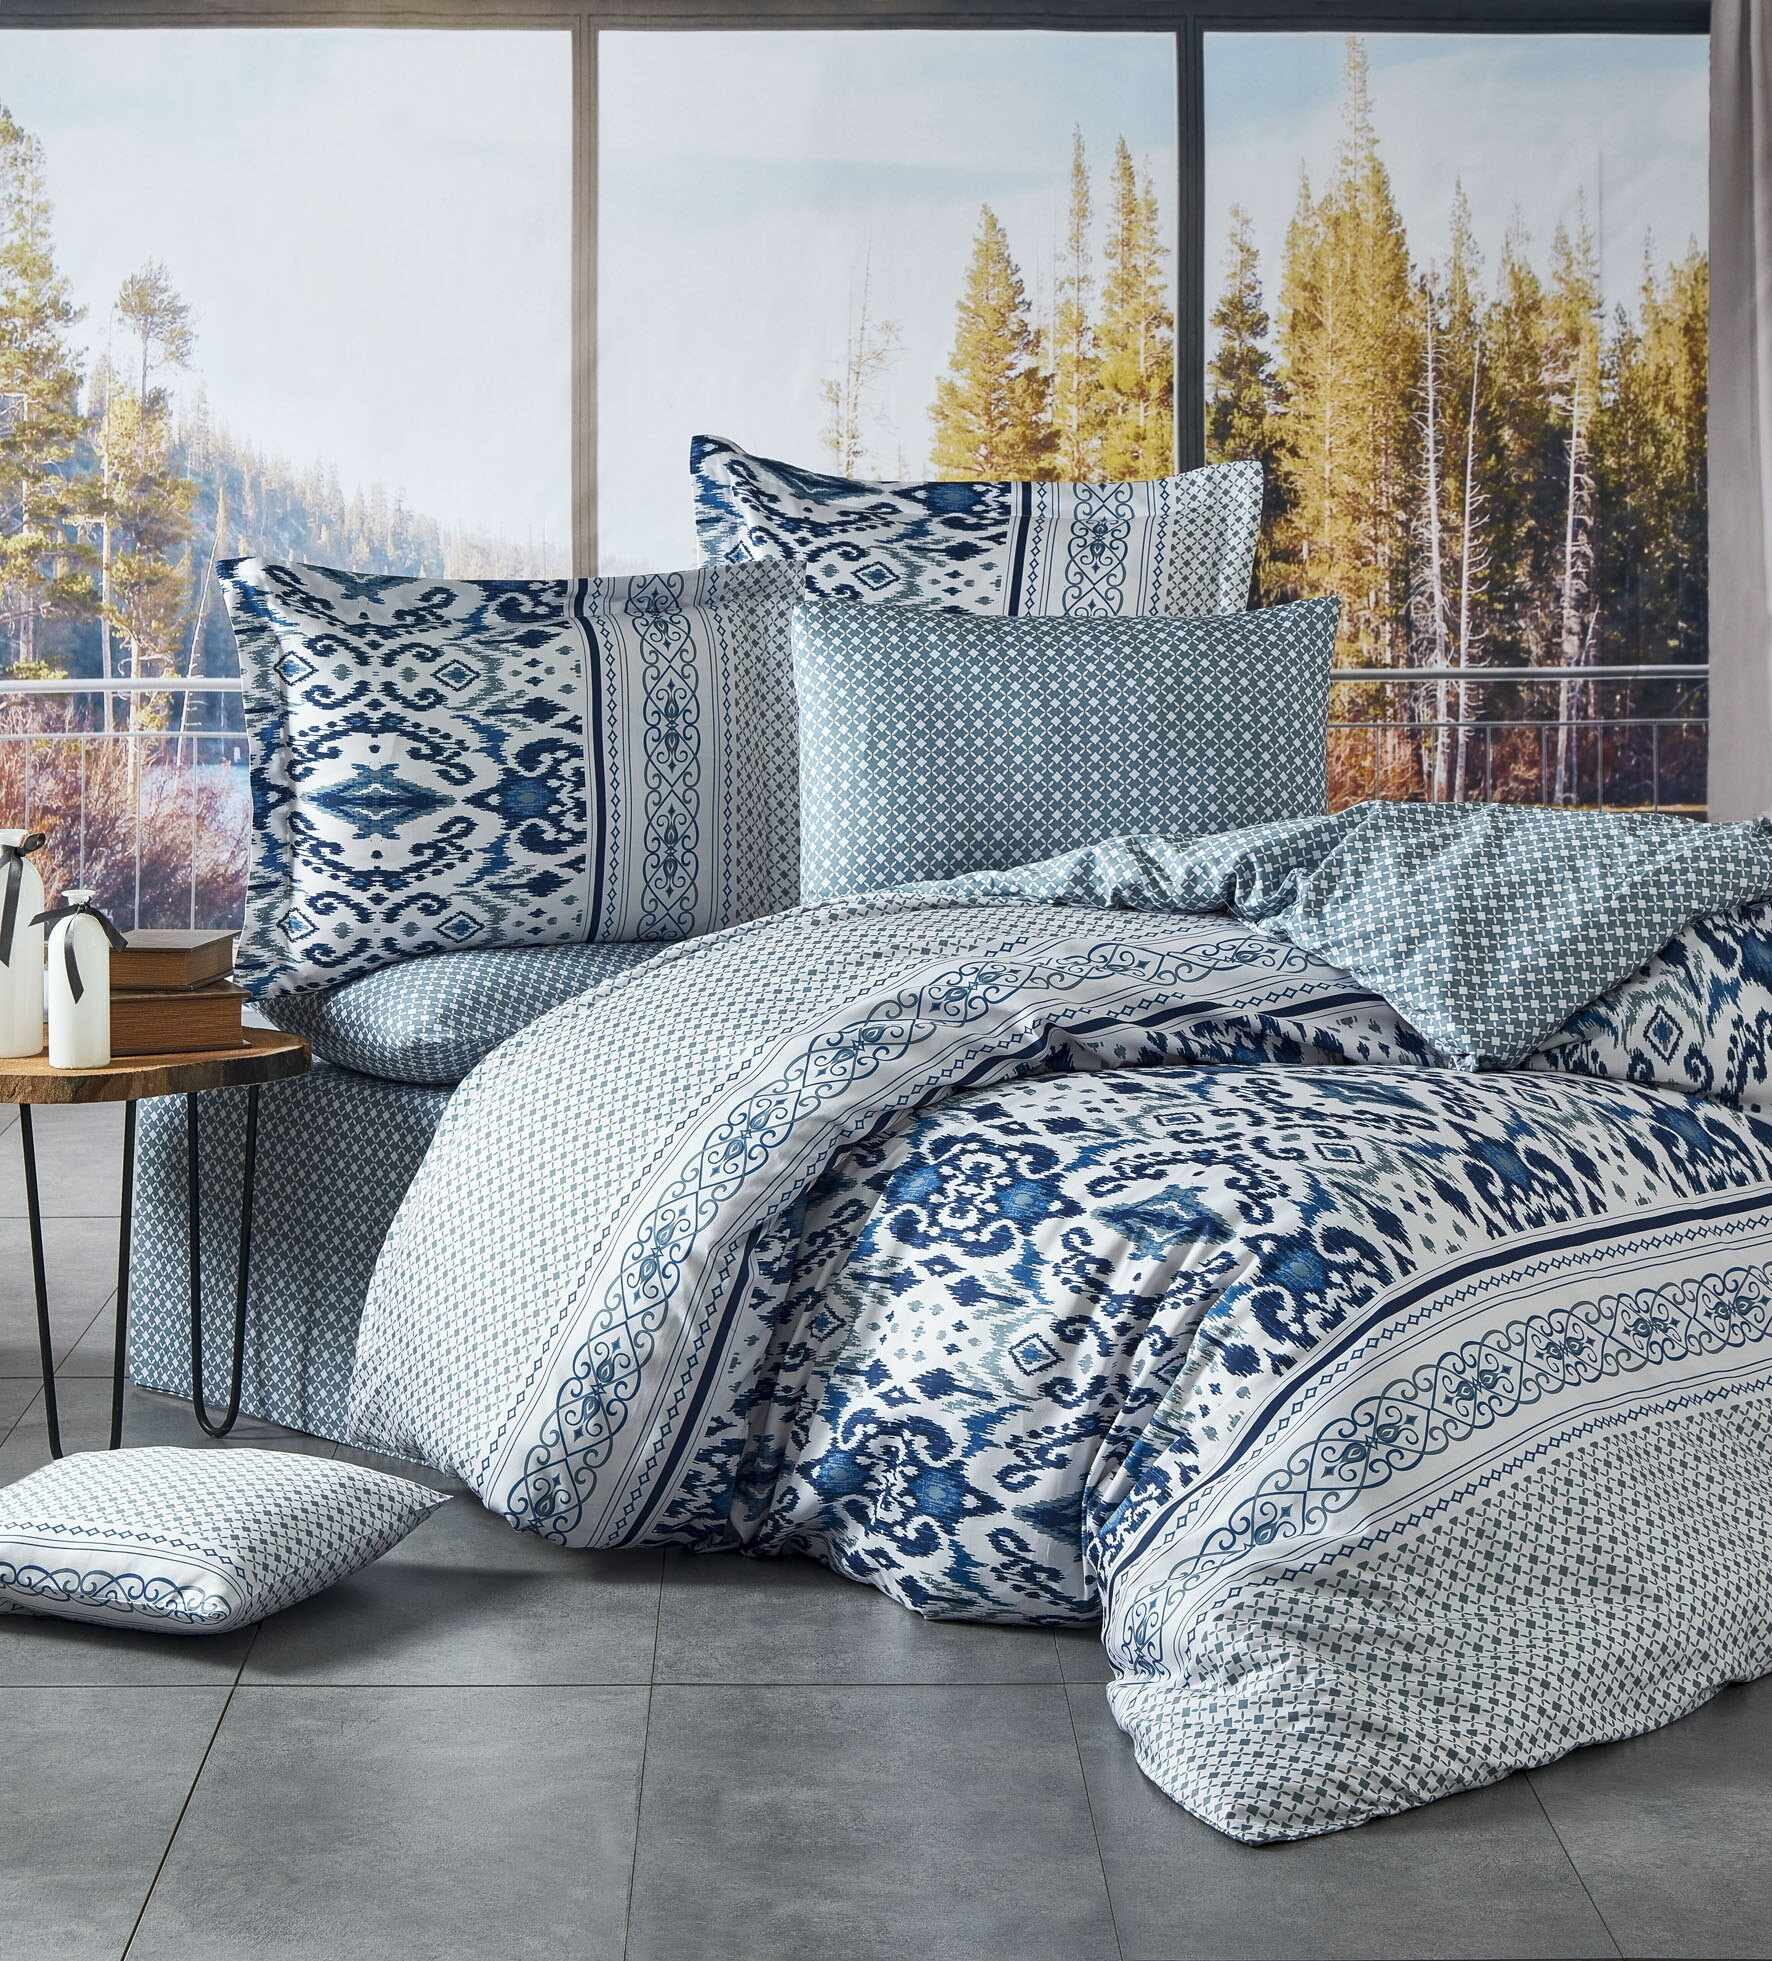 Lenjerie de pat din bumbac satinat Kirlow Albastru / Alb, 200 x 220 cm la pret 356 lei